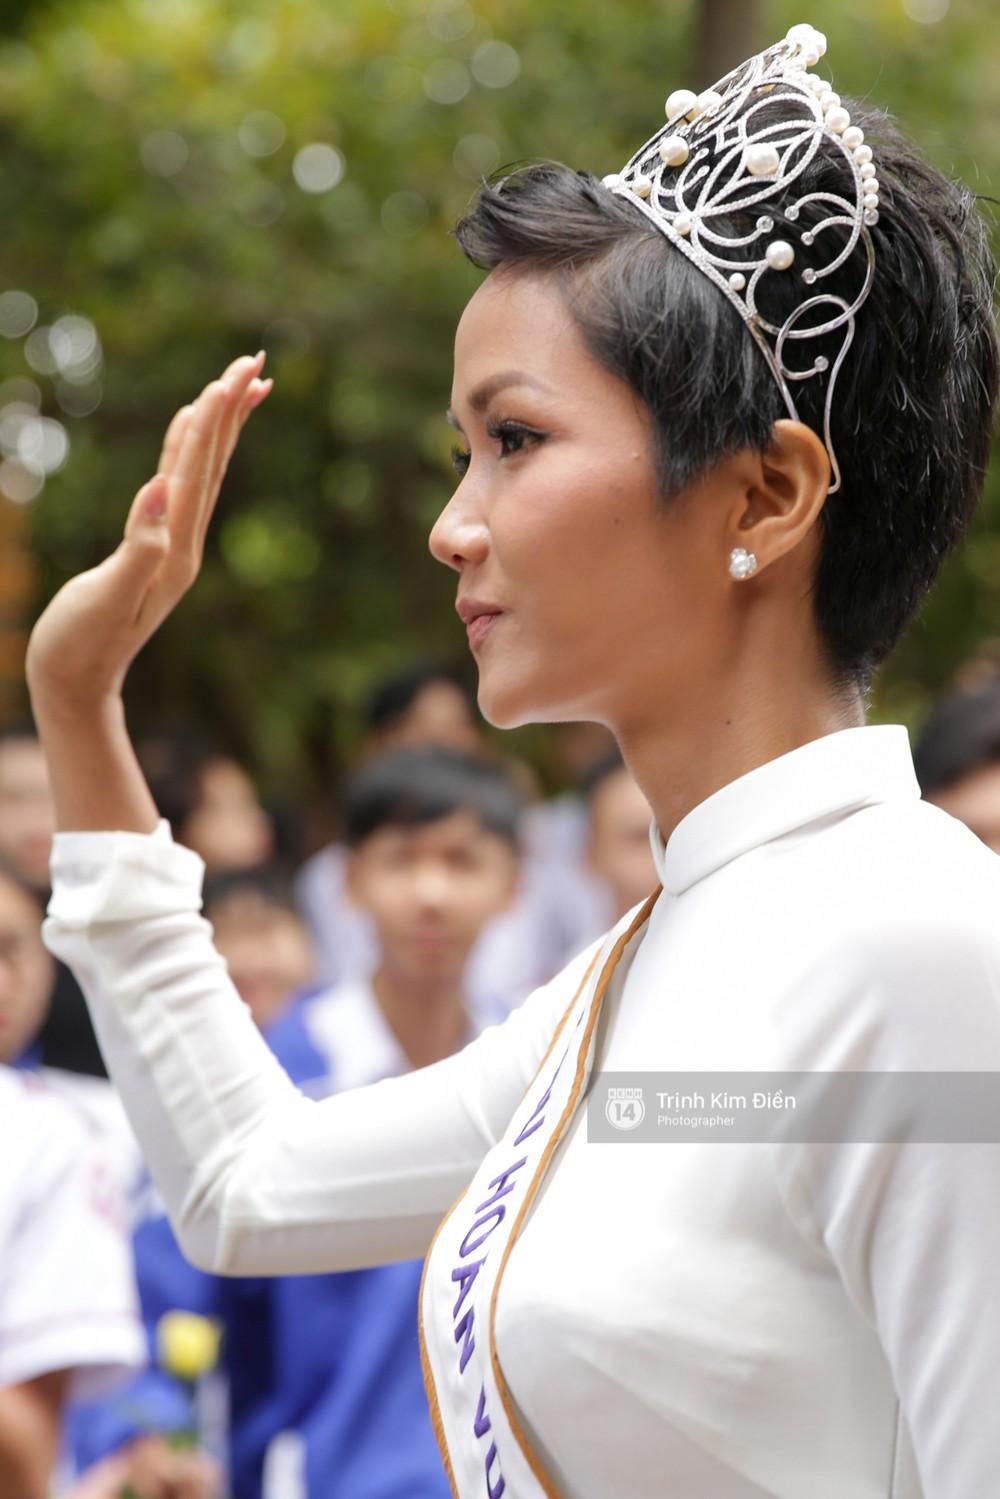 Clip: HHen Niê về trường, lên sân khấu nhún nhảy theo tiết mục cây nhà lá vườn của các thầy cô cực đáng yêu - Ảnh 20.